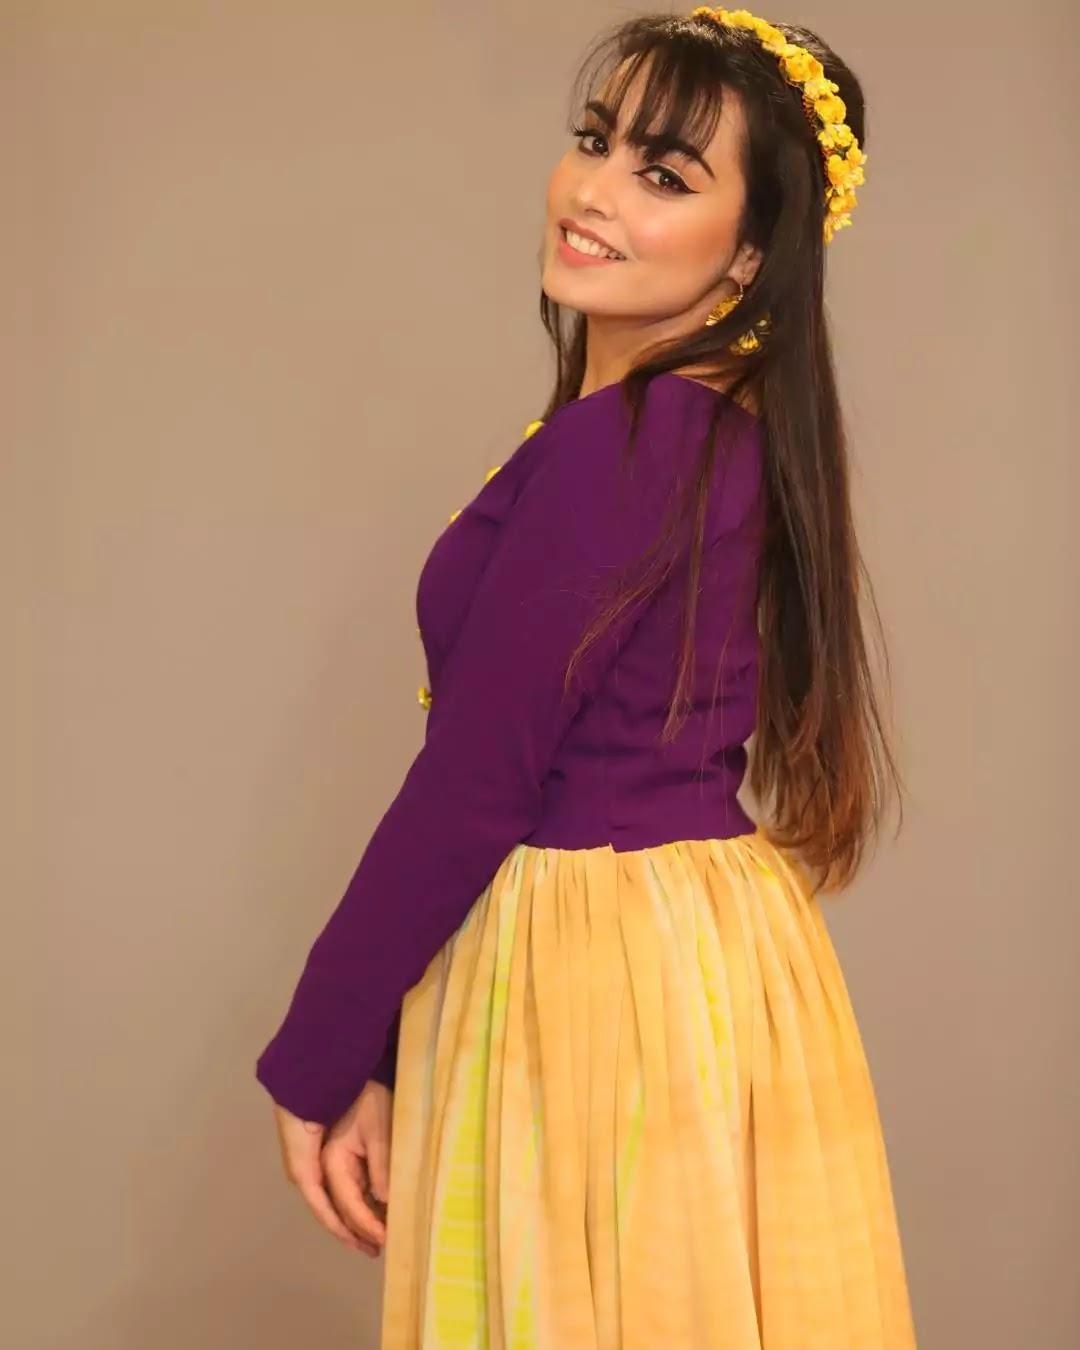 Barbie Maan Photos